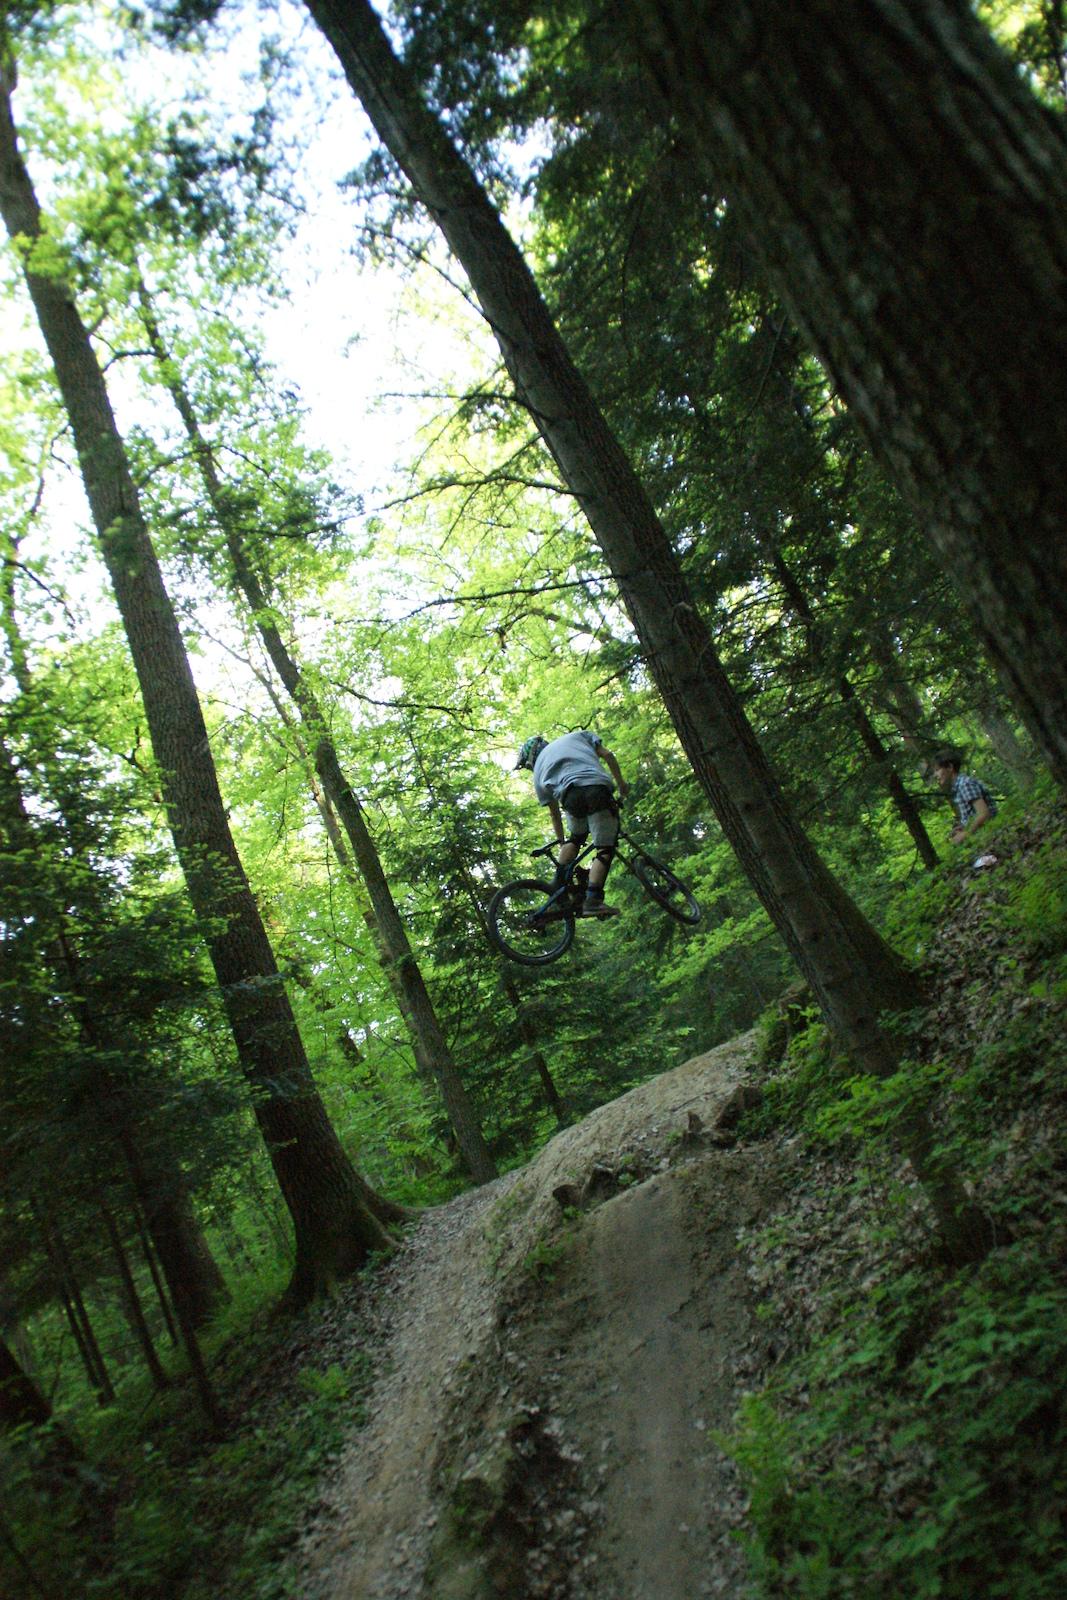 Whip, foto by Hugo.            www.bartbass.com www.goodbike.com.pl www.naxa.pl www.koninki.pl www.gerex2.pl www.oponafelga.pl www.bikeline.pl www.titan.com.pl